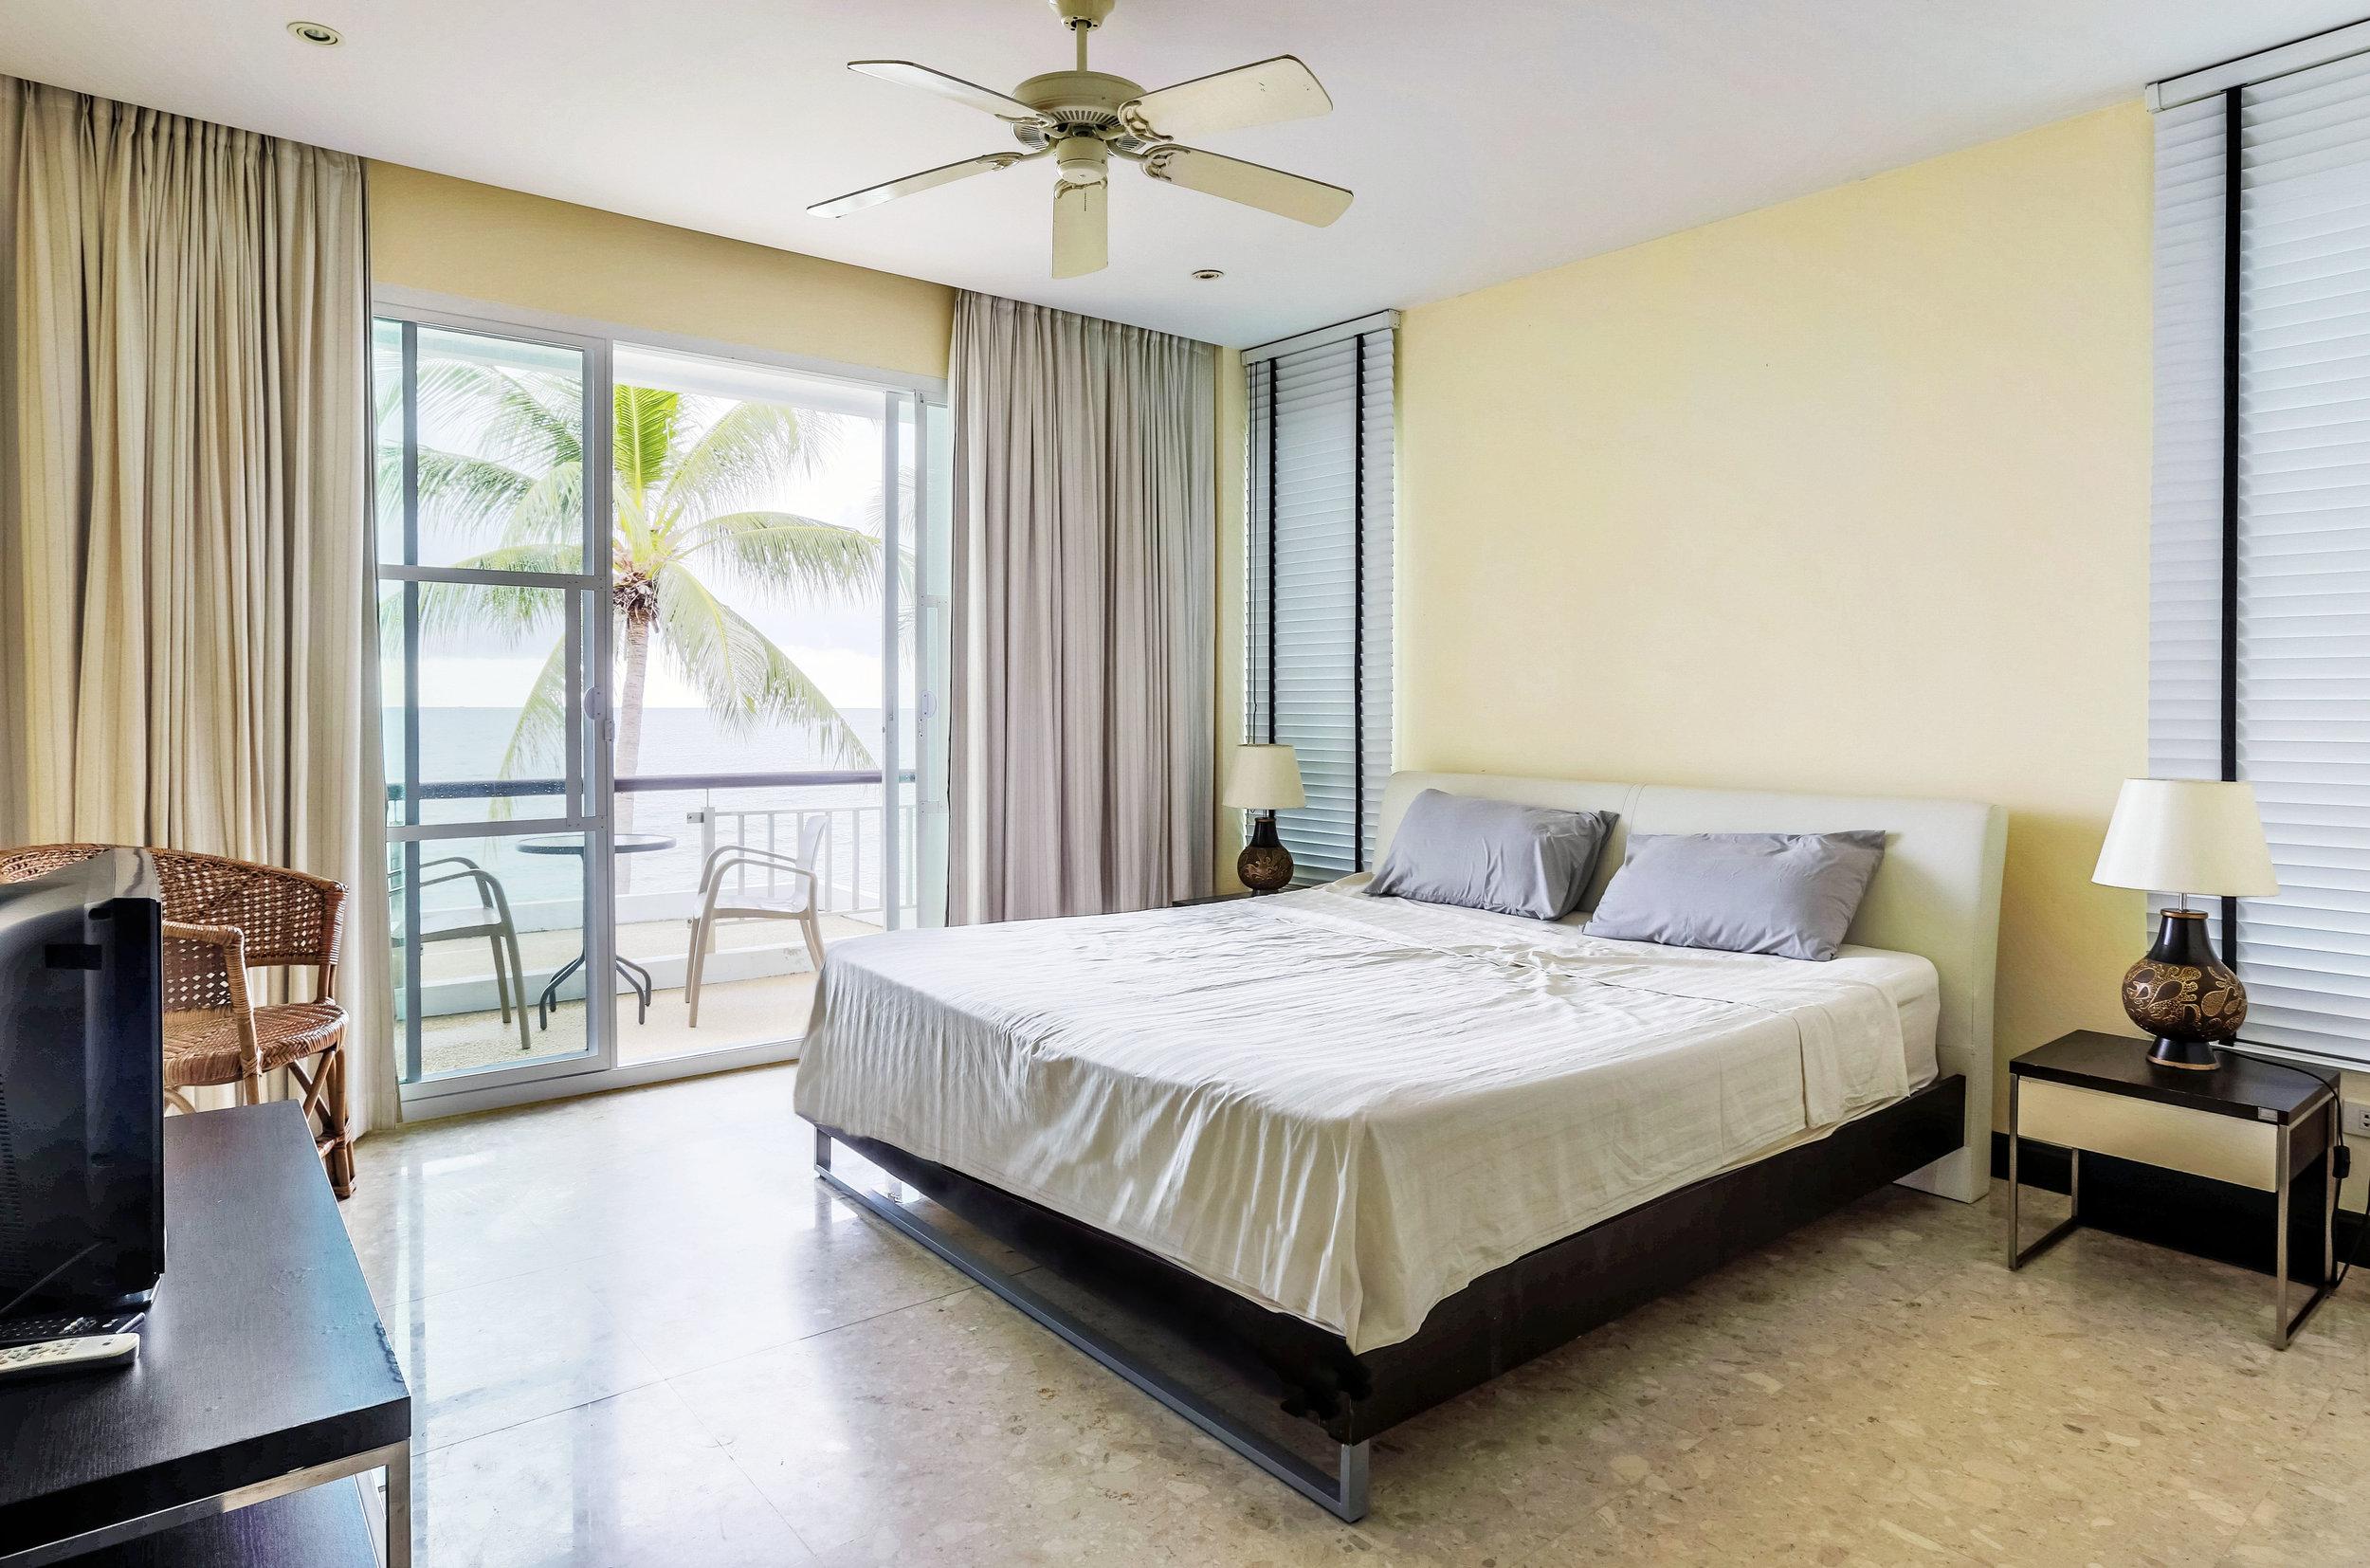 Sovrum med balkong mot havet.